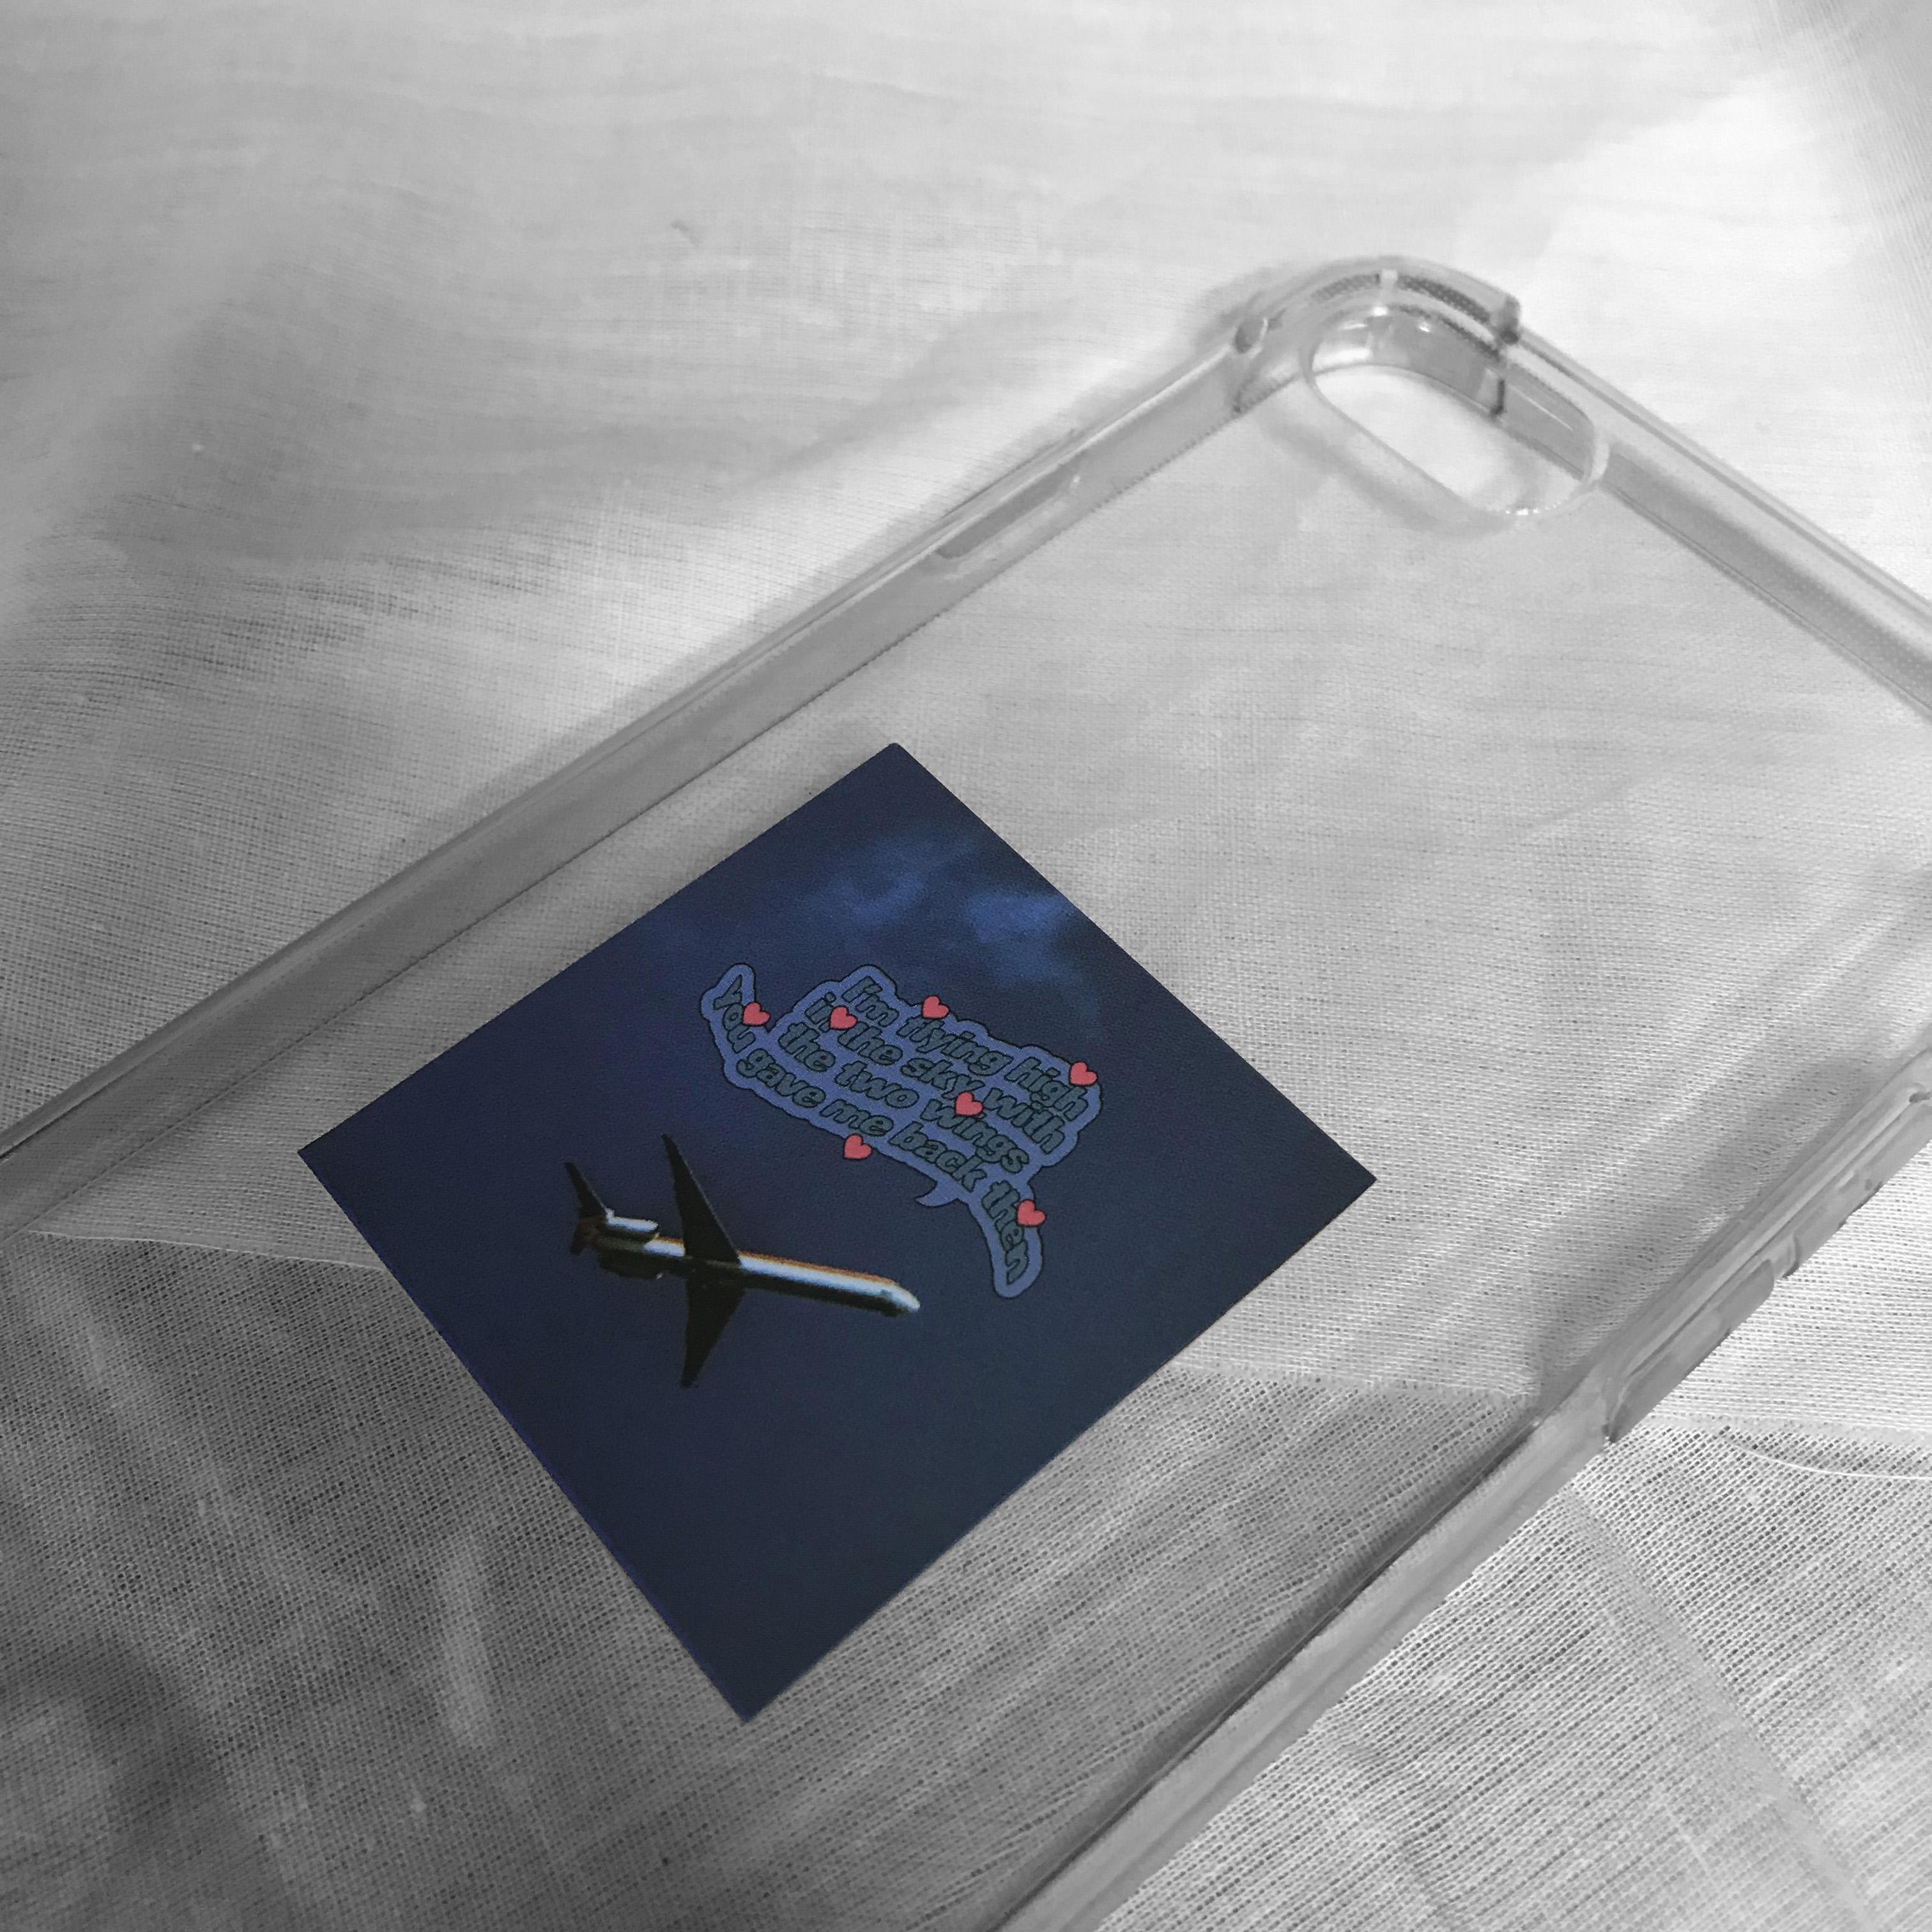 방탄소년단) 🎈퍼소나 레터링+키치판스 스티커팩 일반판매🎈 | 인스티즈